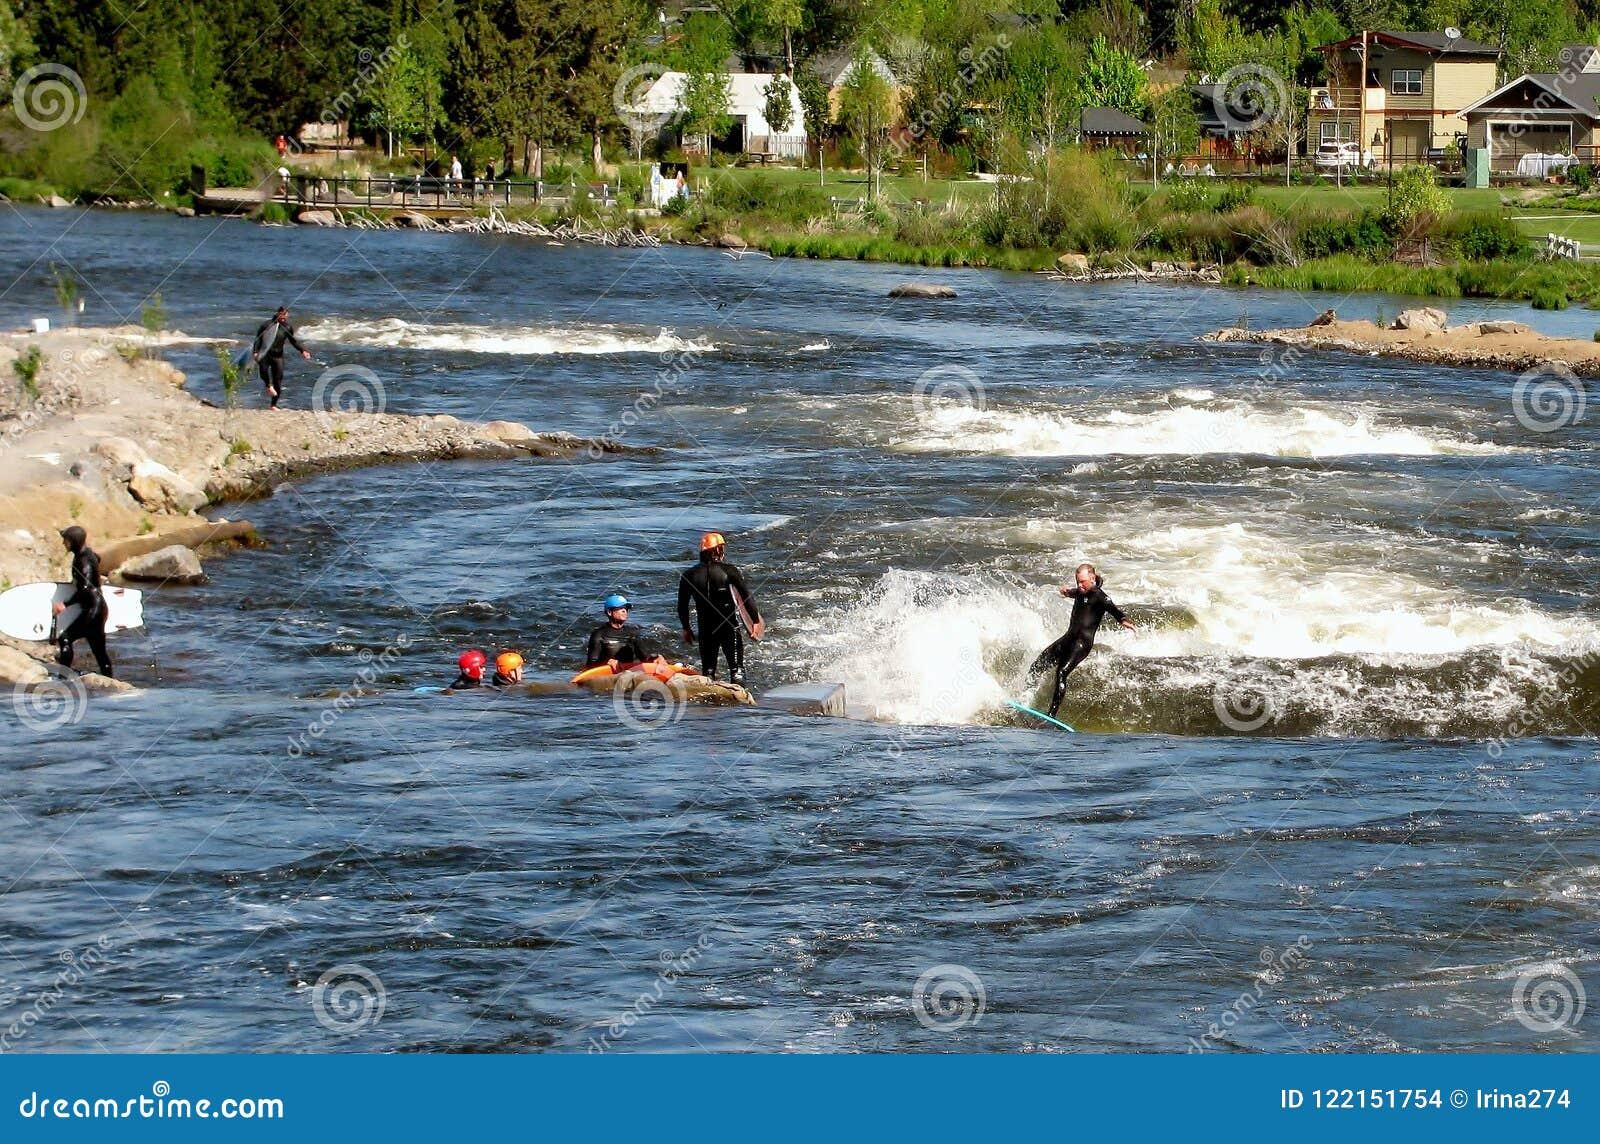 Groupe de personnes la rivière surfant en parc de whitewater Courbure, Orégon, Etats-Unis